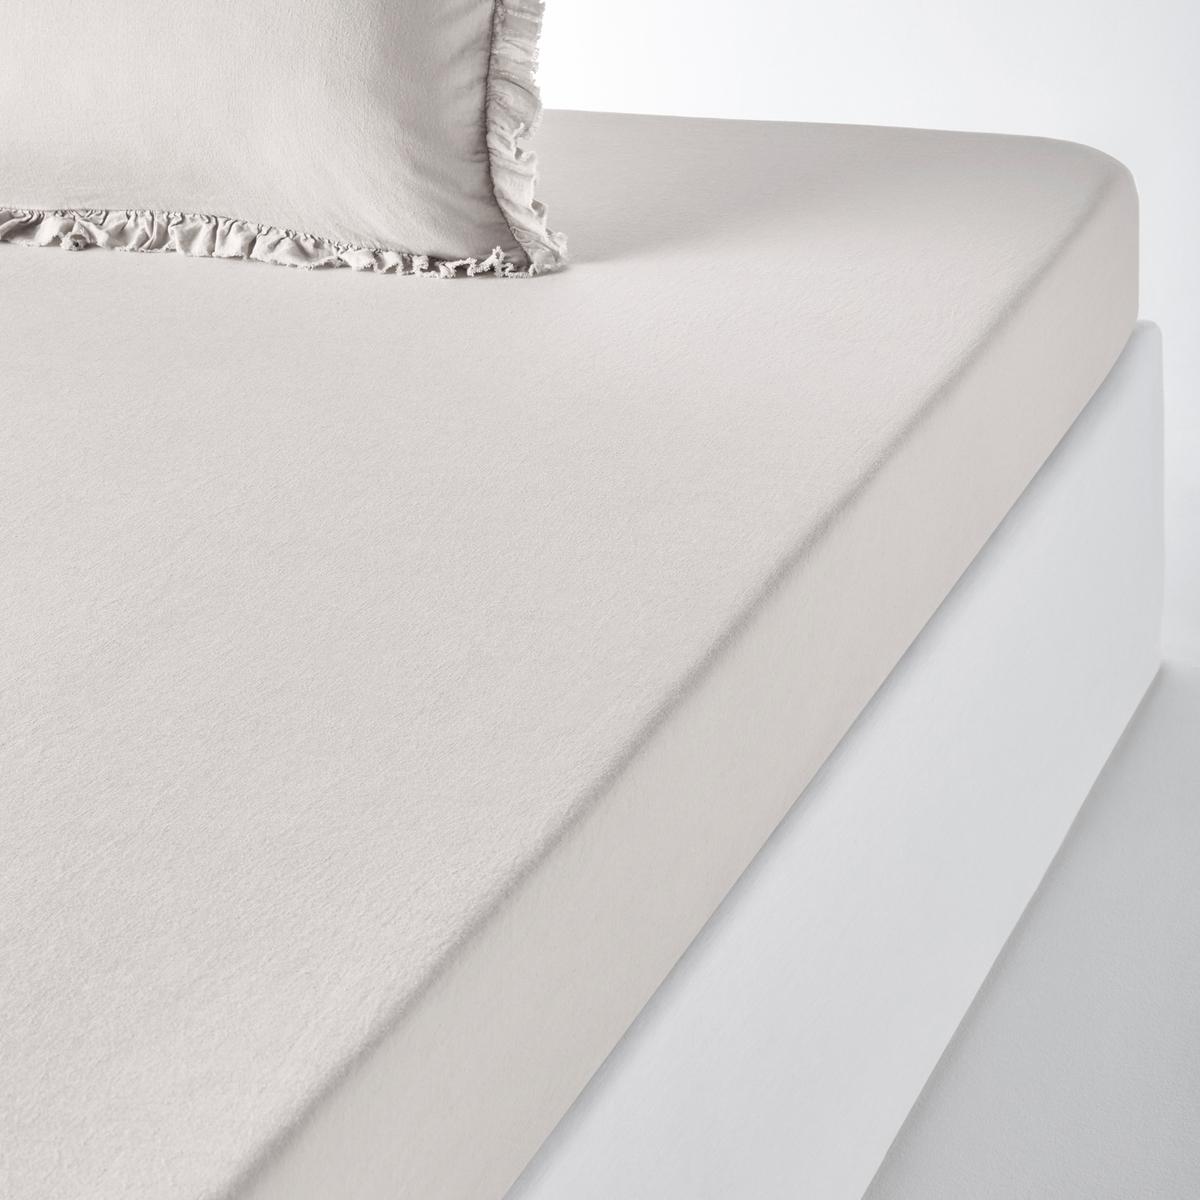 Натяжная простыня из льна и хлопка , NILLOWНатяжная простыня из льна и хлопка Nillow качество Qualit? Best. Благородный и элегантный материал из льна и хлопка в нежных и теплых тонах. Очарование и сияющая красота постельного белья Nillow.Характеристики натяжной простыни Nillow : Смесовый материал: 60% льна, 40% хлопка : мягкая и элегантная ткань из льна и хлопка с легким жатым эффектом проста в уходе. Ширина клапана 30 см. Стирать при температуре 40°, можно не гладитьХарактеристикиВесь комплект постельного белья Nillow Вы найдете на laredoute.ruЗнак Oeko-Tex® гарантирует, что товары прошли проверку и были изготовлены без применения вредных для здоровья человека веществ.ХарактеристикиРазмеры : 90 x 190 см : 1-сп. 140 x 190 см : 2-сп. 160 x 200 см : 2-сп. 180 x 200 см : 2-сп.<br><br>Цвет: бежевый<br>Размер: 180 x 200  см